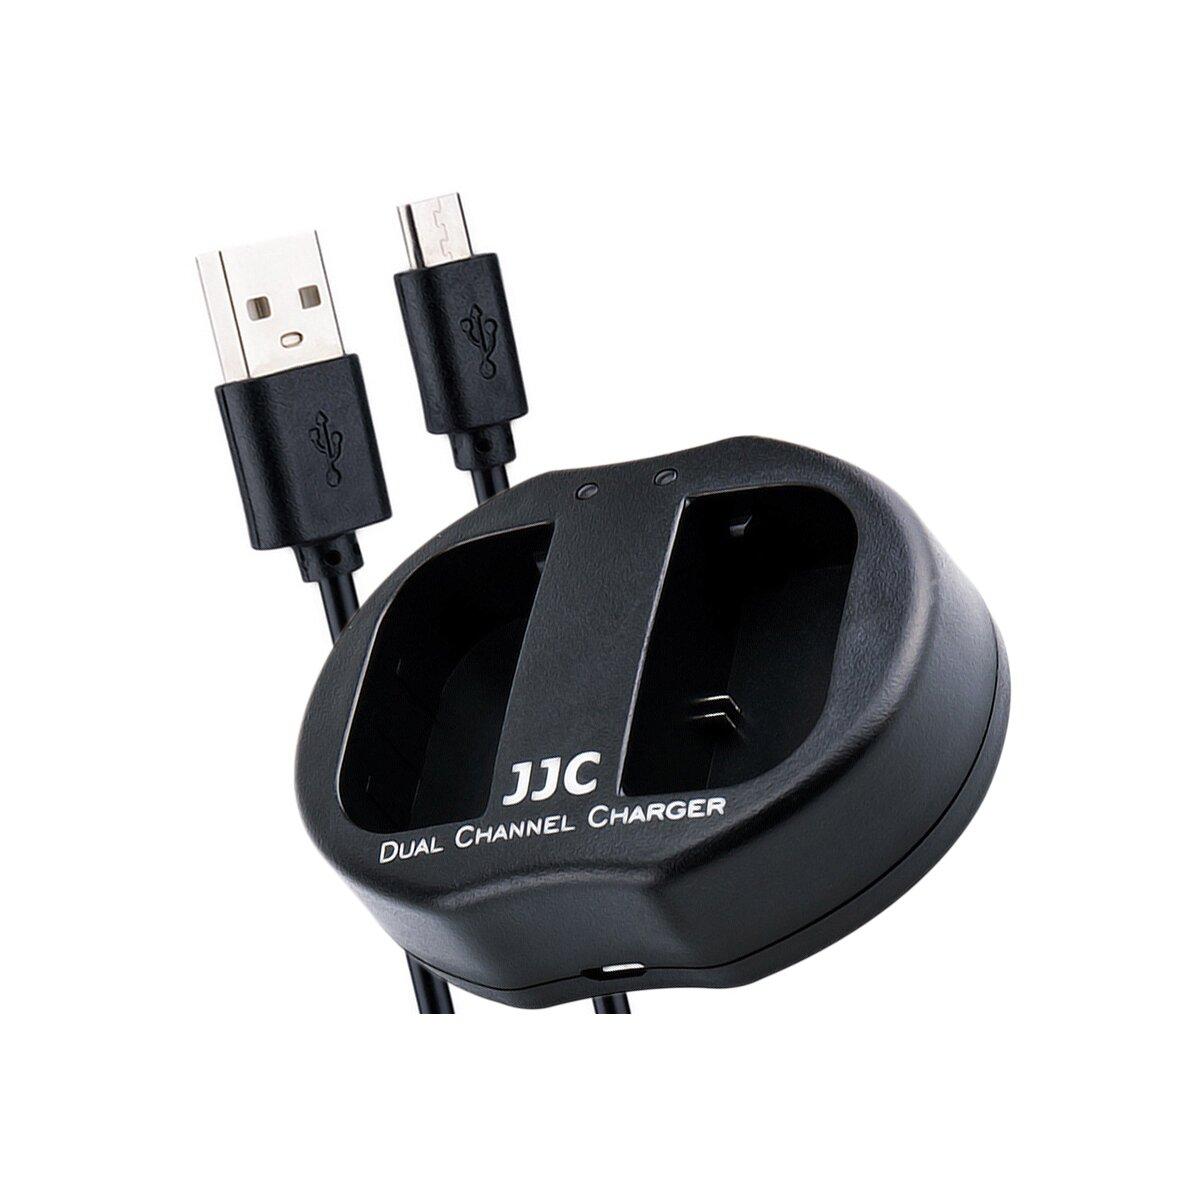 JJC Ladegerät für Sony NP-FW50 Akkus mit 2 Steckplätzen und USB-Anschlusskabel für unterwegs und für zu Hause